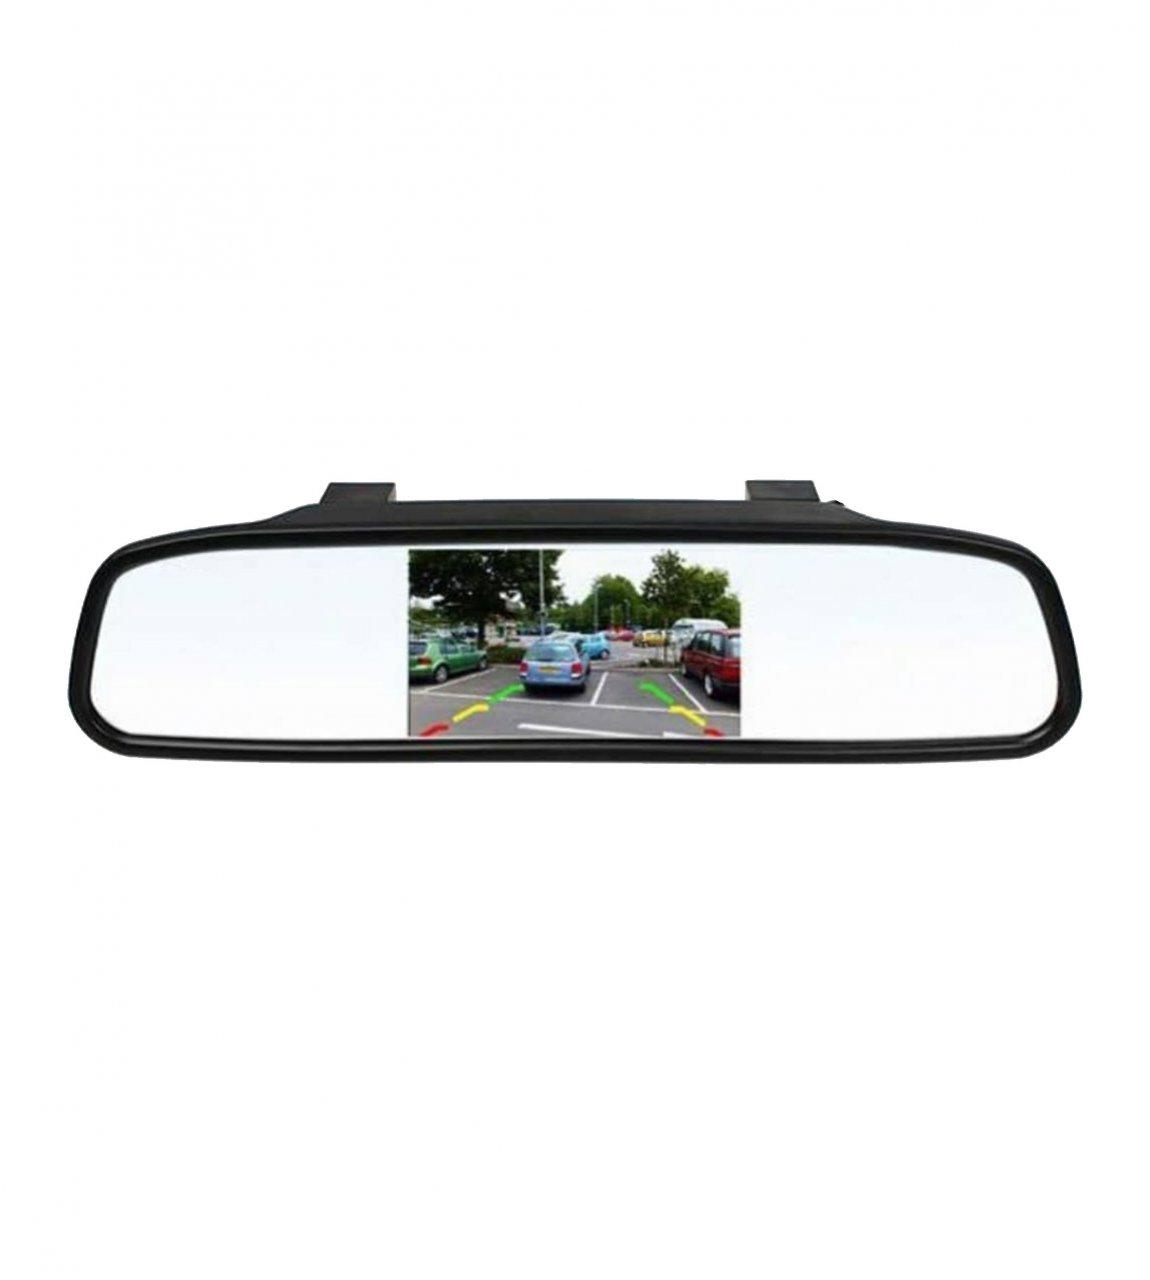 آینه مانیتور دار با دوربین دنده عقب خودرو برند MAXIM